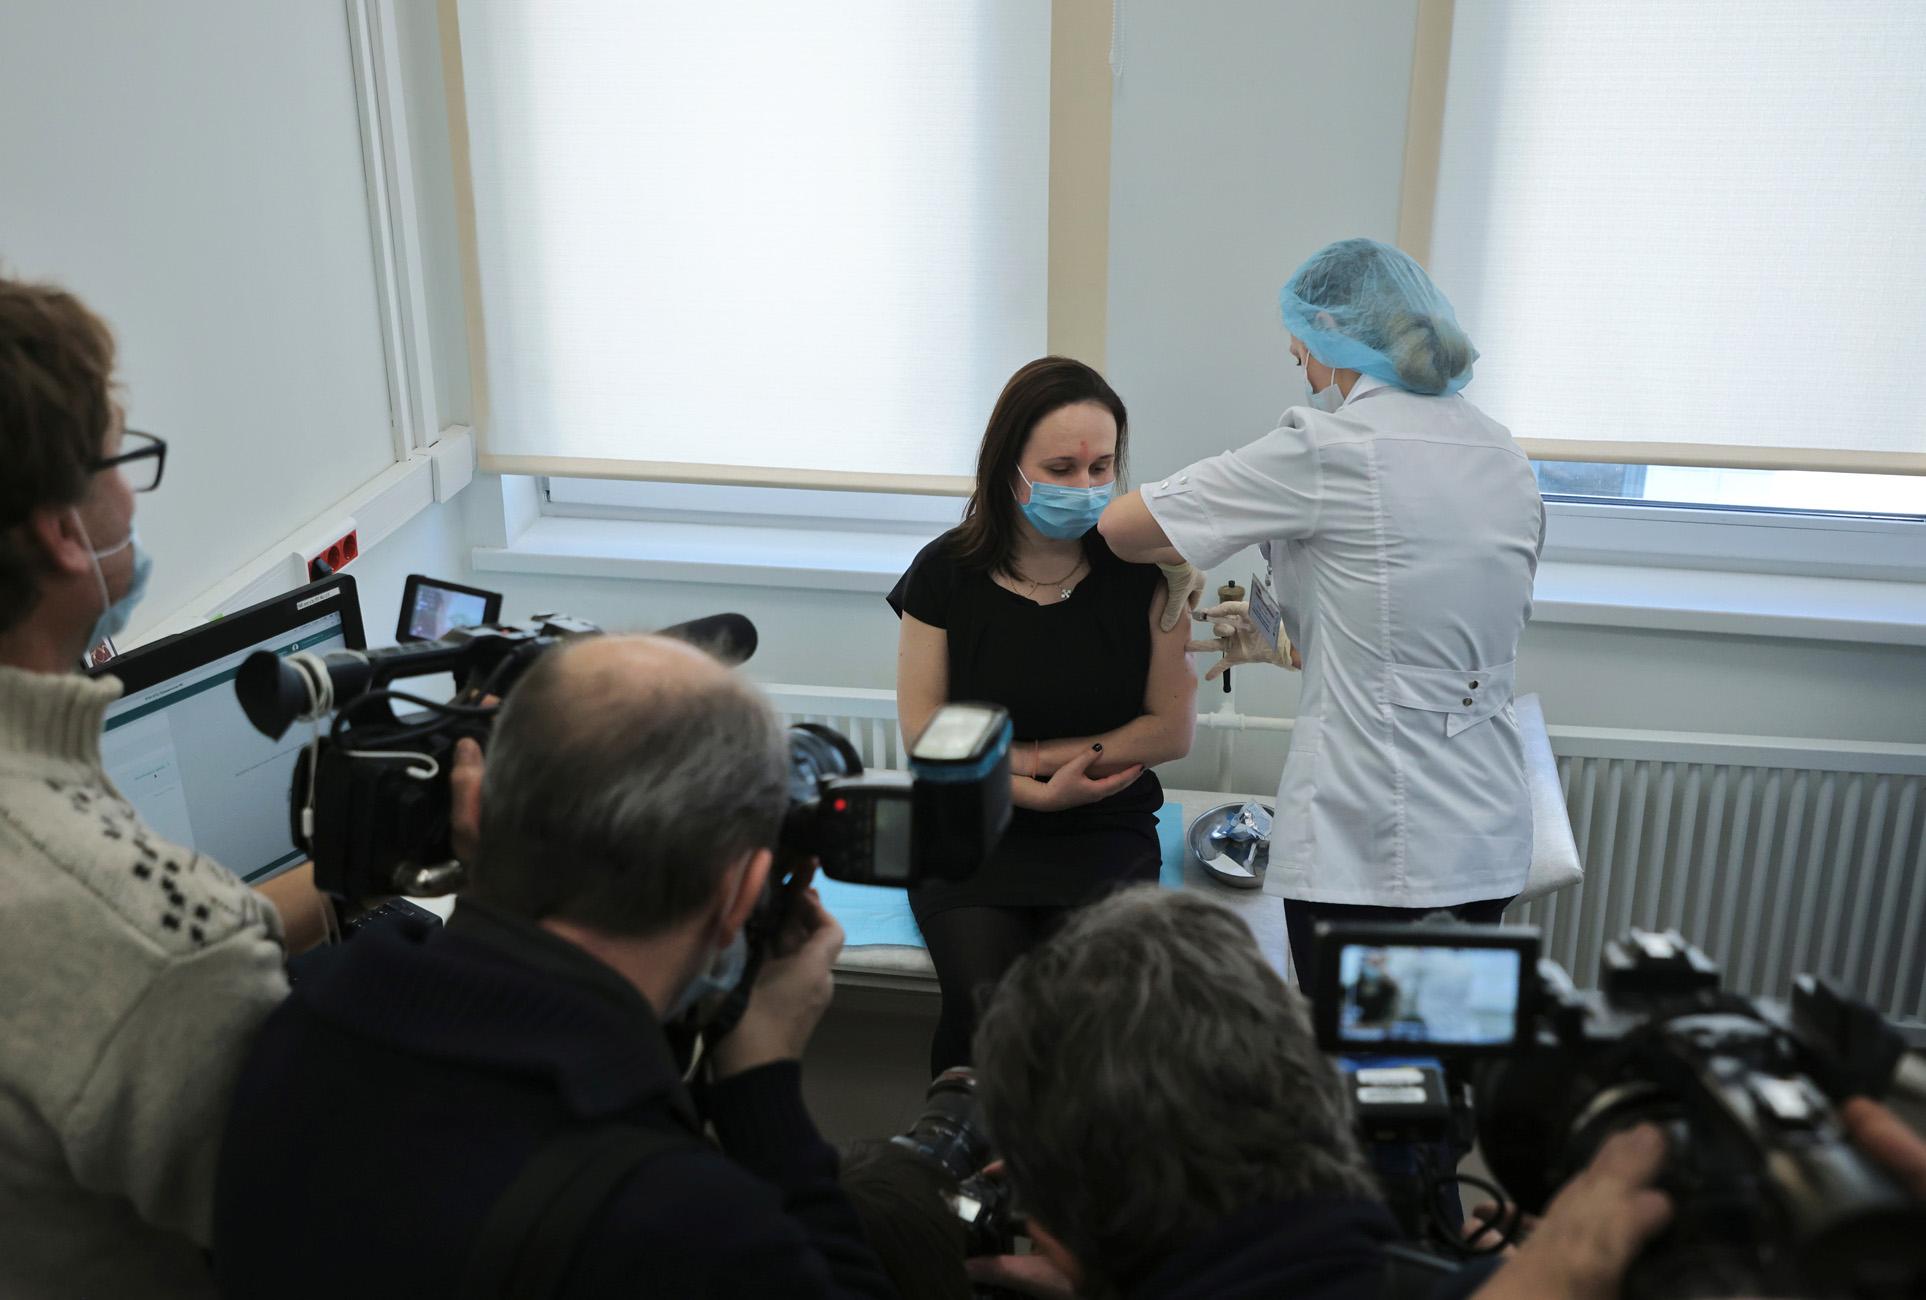 Κορονοϊός: Έτοιμη για ευρείας κλίμακας εμβολιασμό η Μόσχα